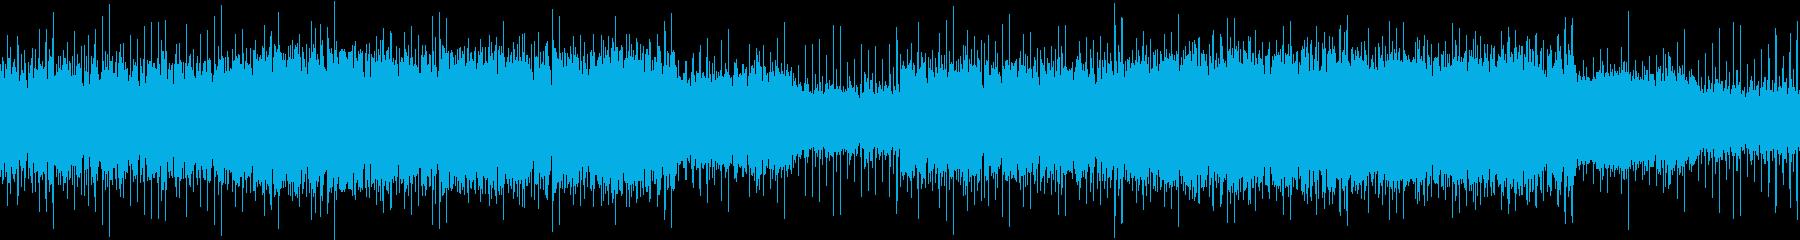 ドラムンベース:真夜中、疾走、ドライブの再生済みの波形